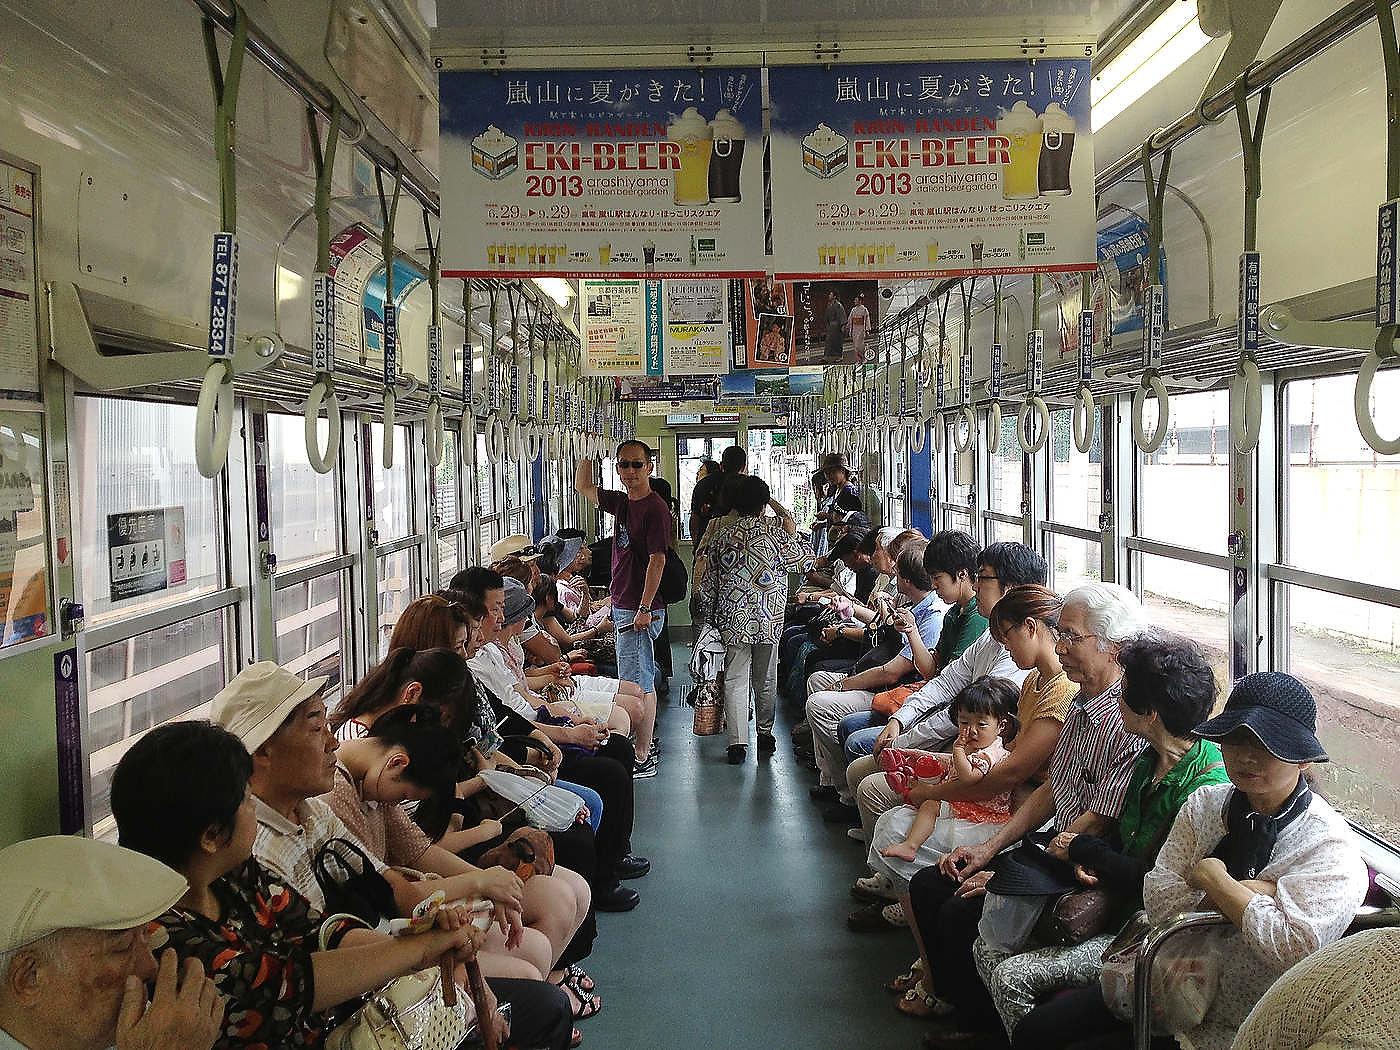 Local train, near Hiroshima.